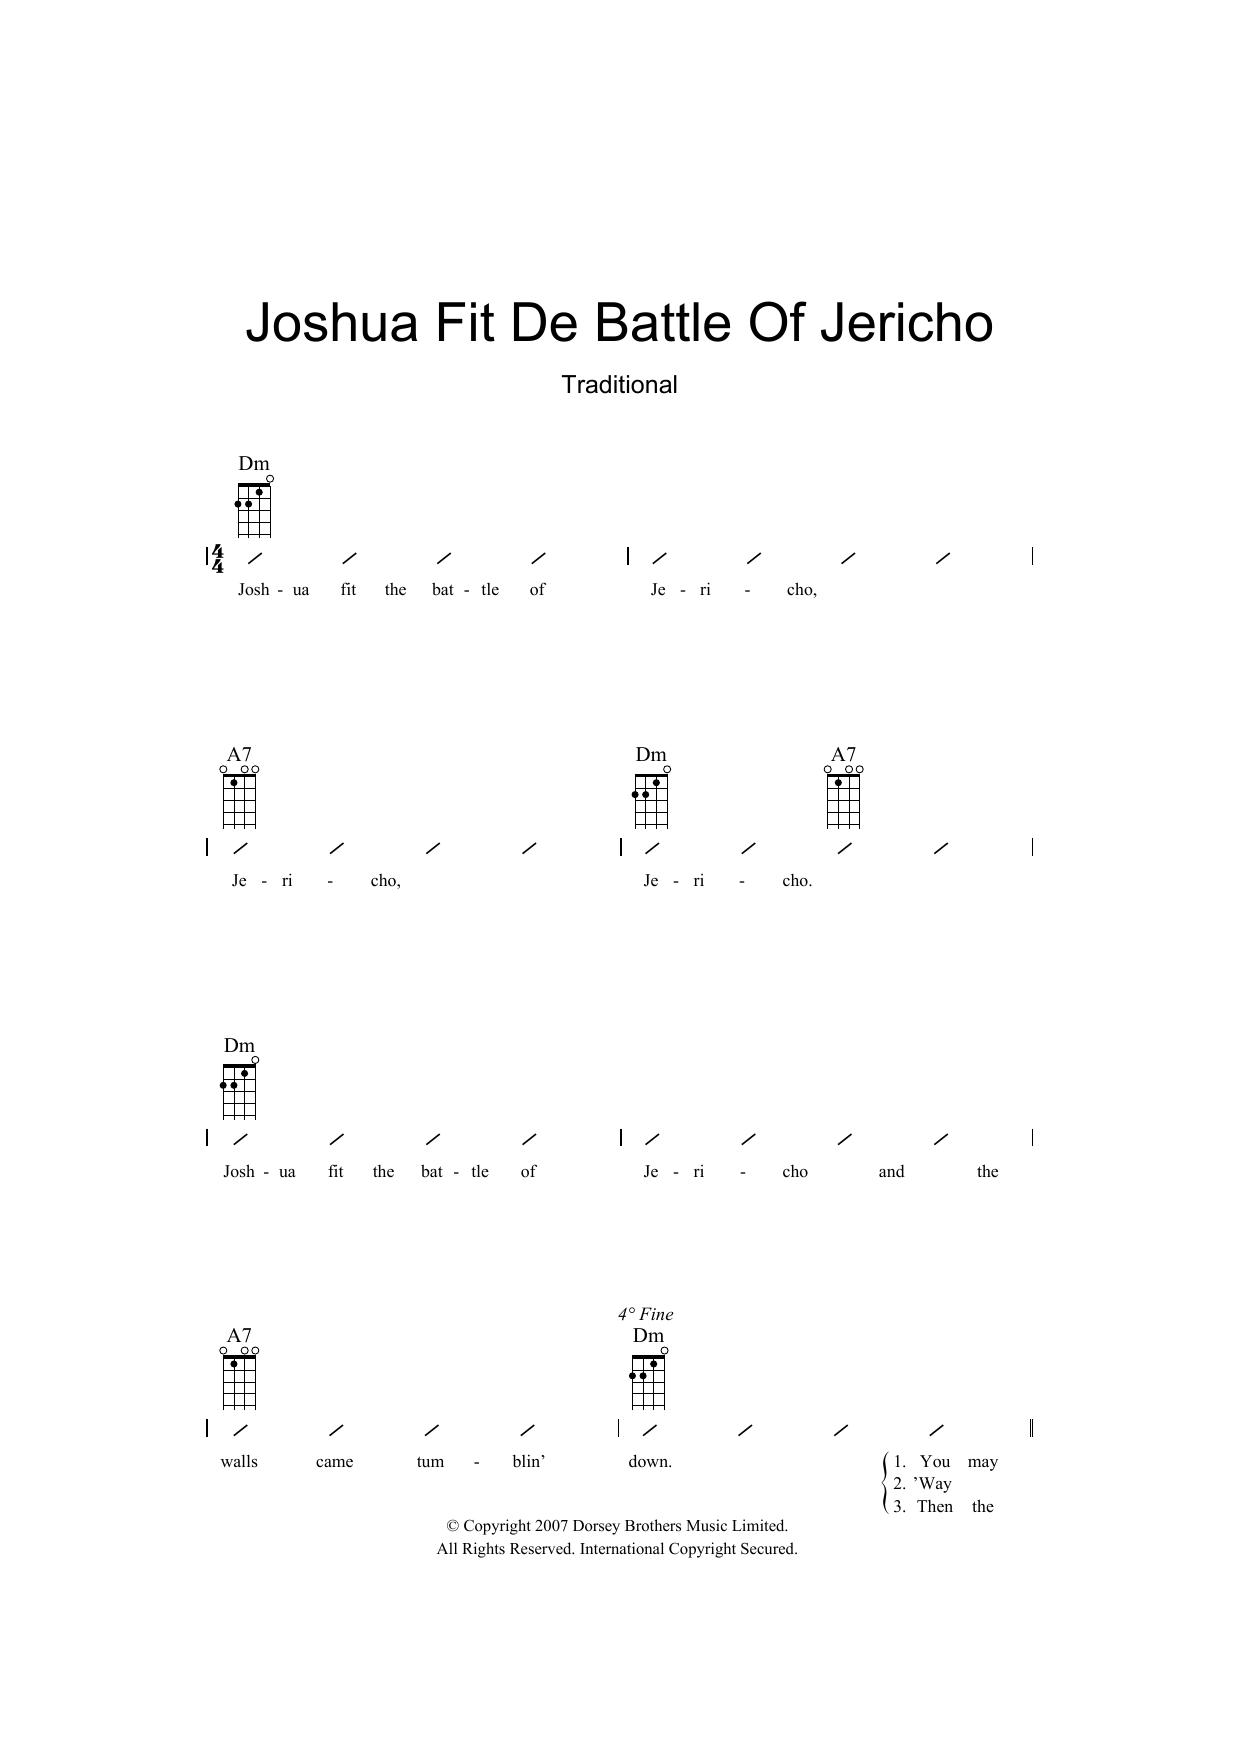 Joshua Fit De Battle Of Jericho (Ukulele Chords/Lyrics)